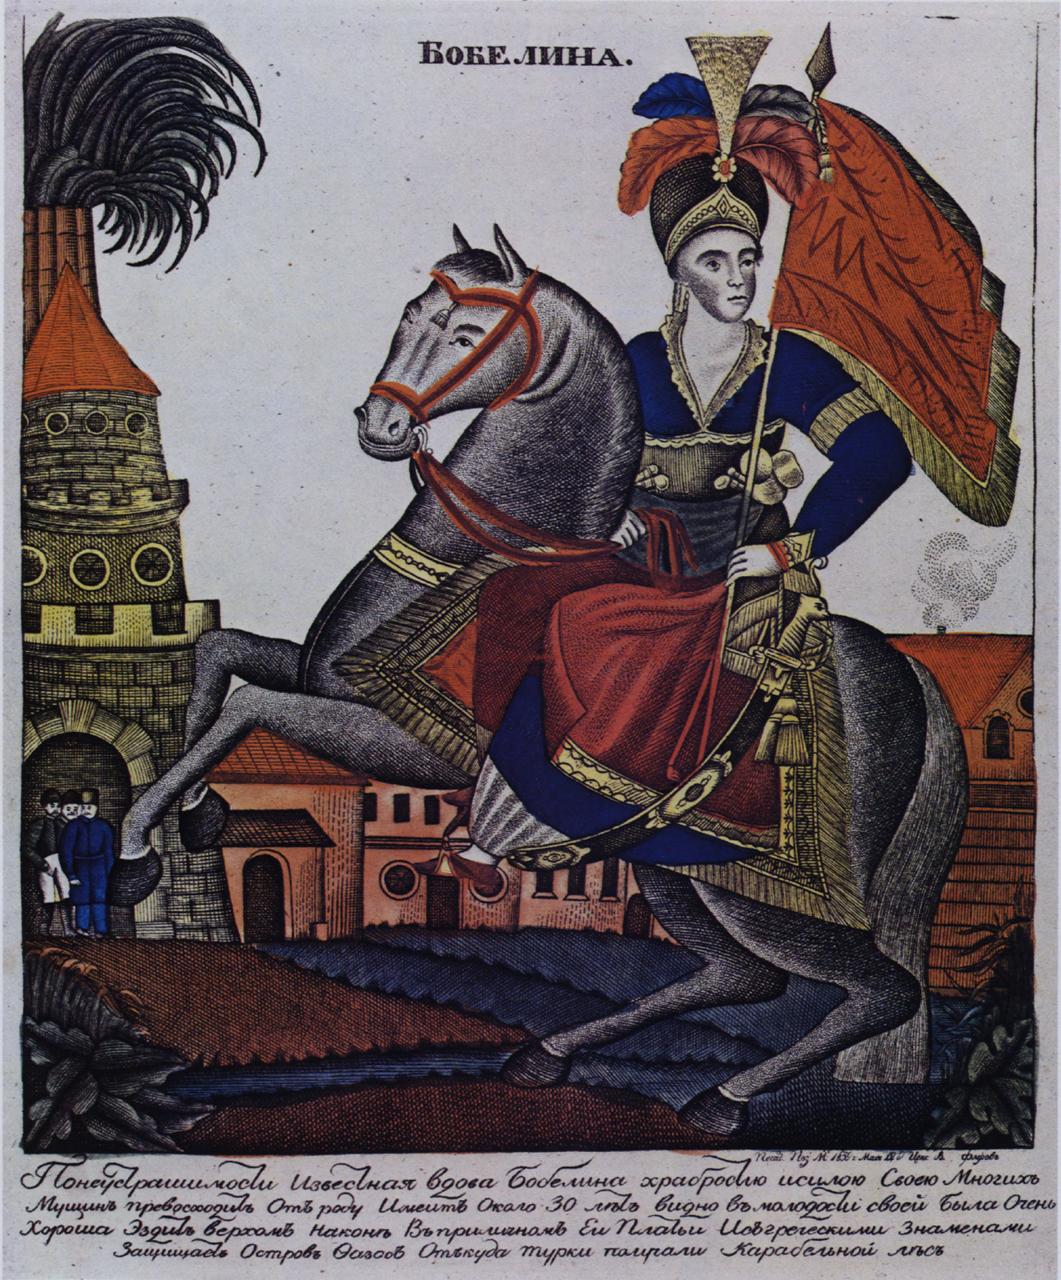 1839. Греческая героиня Бобелина